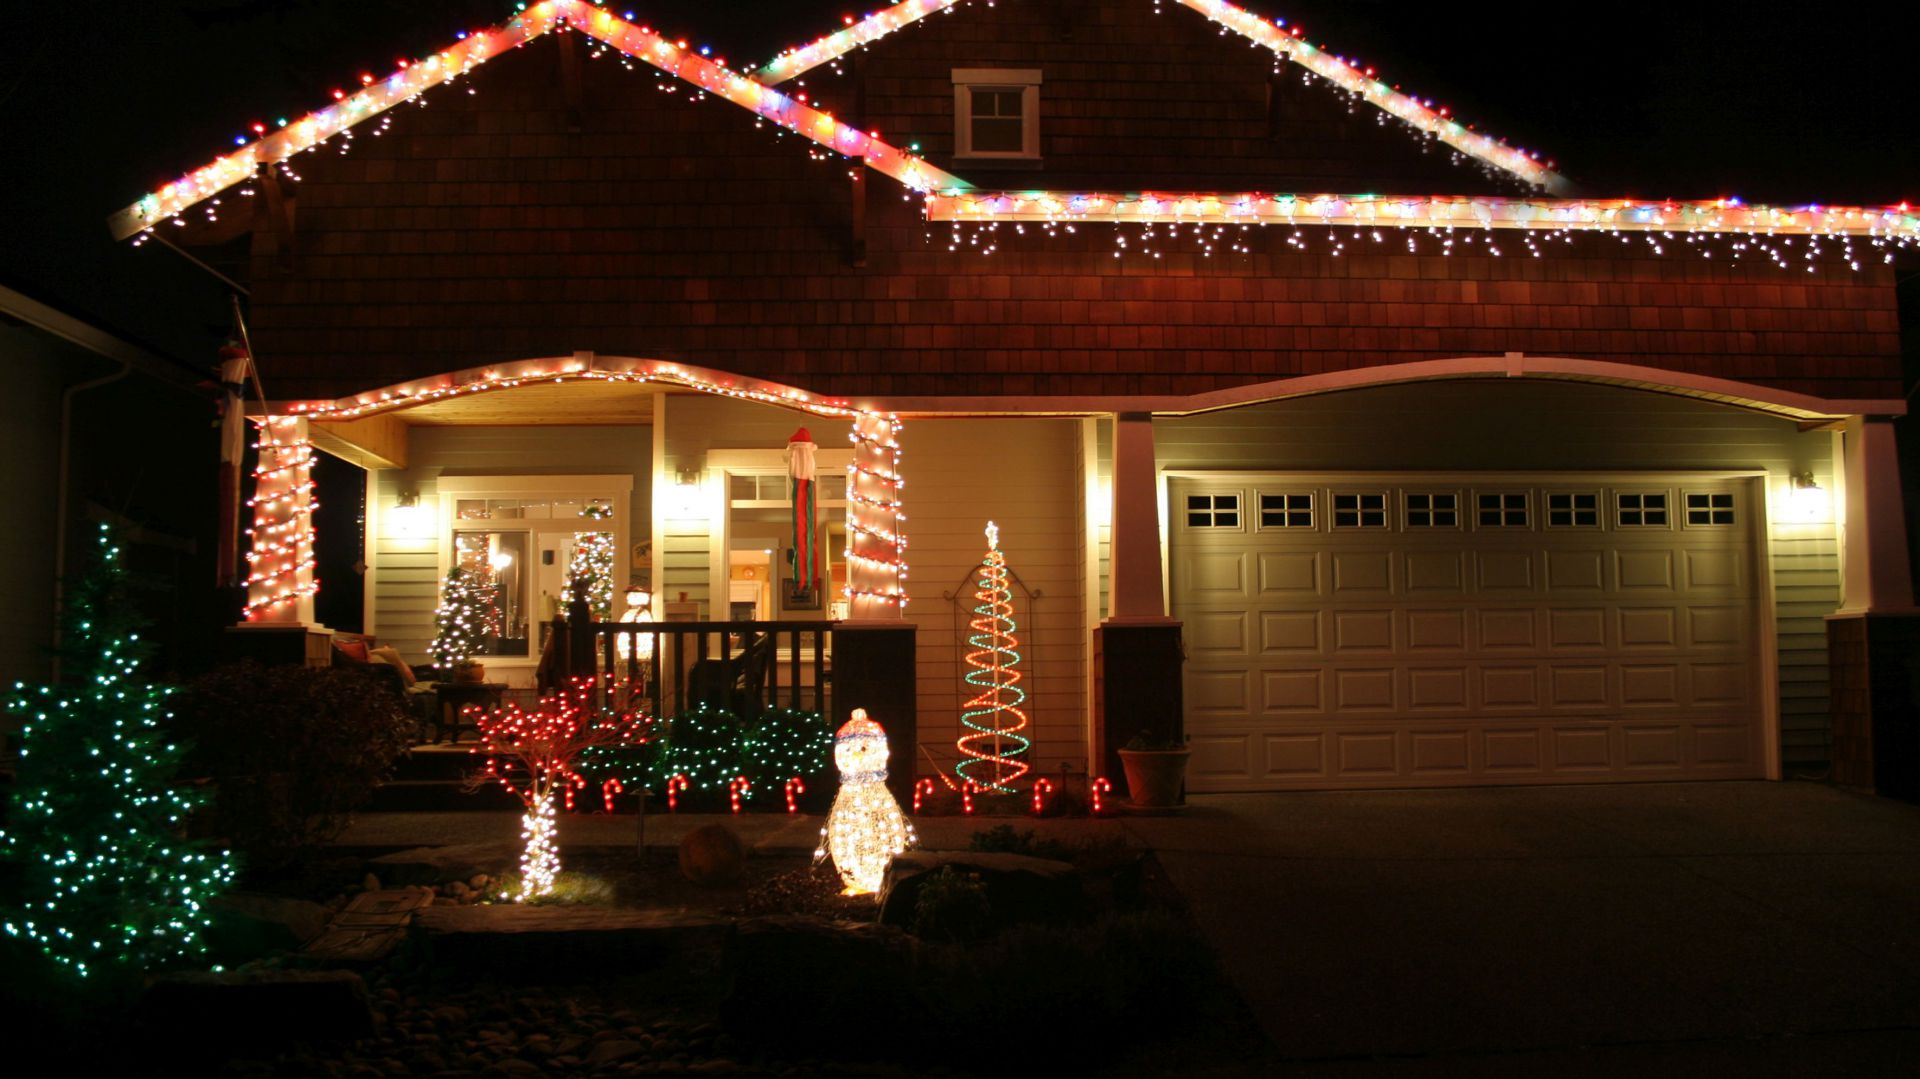 Dekoracje świetlne na dach. Fot. AdobeStock